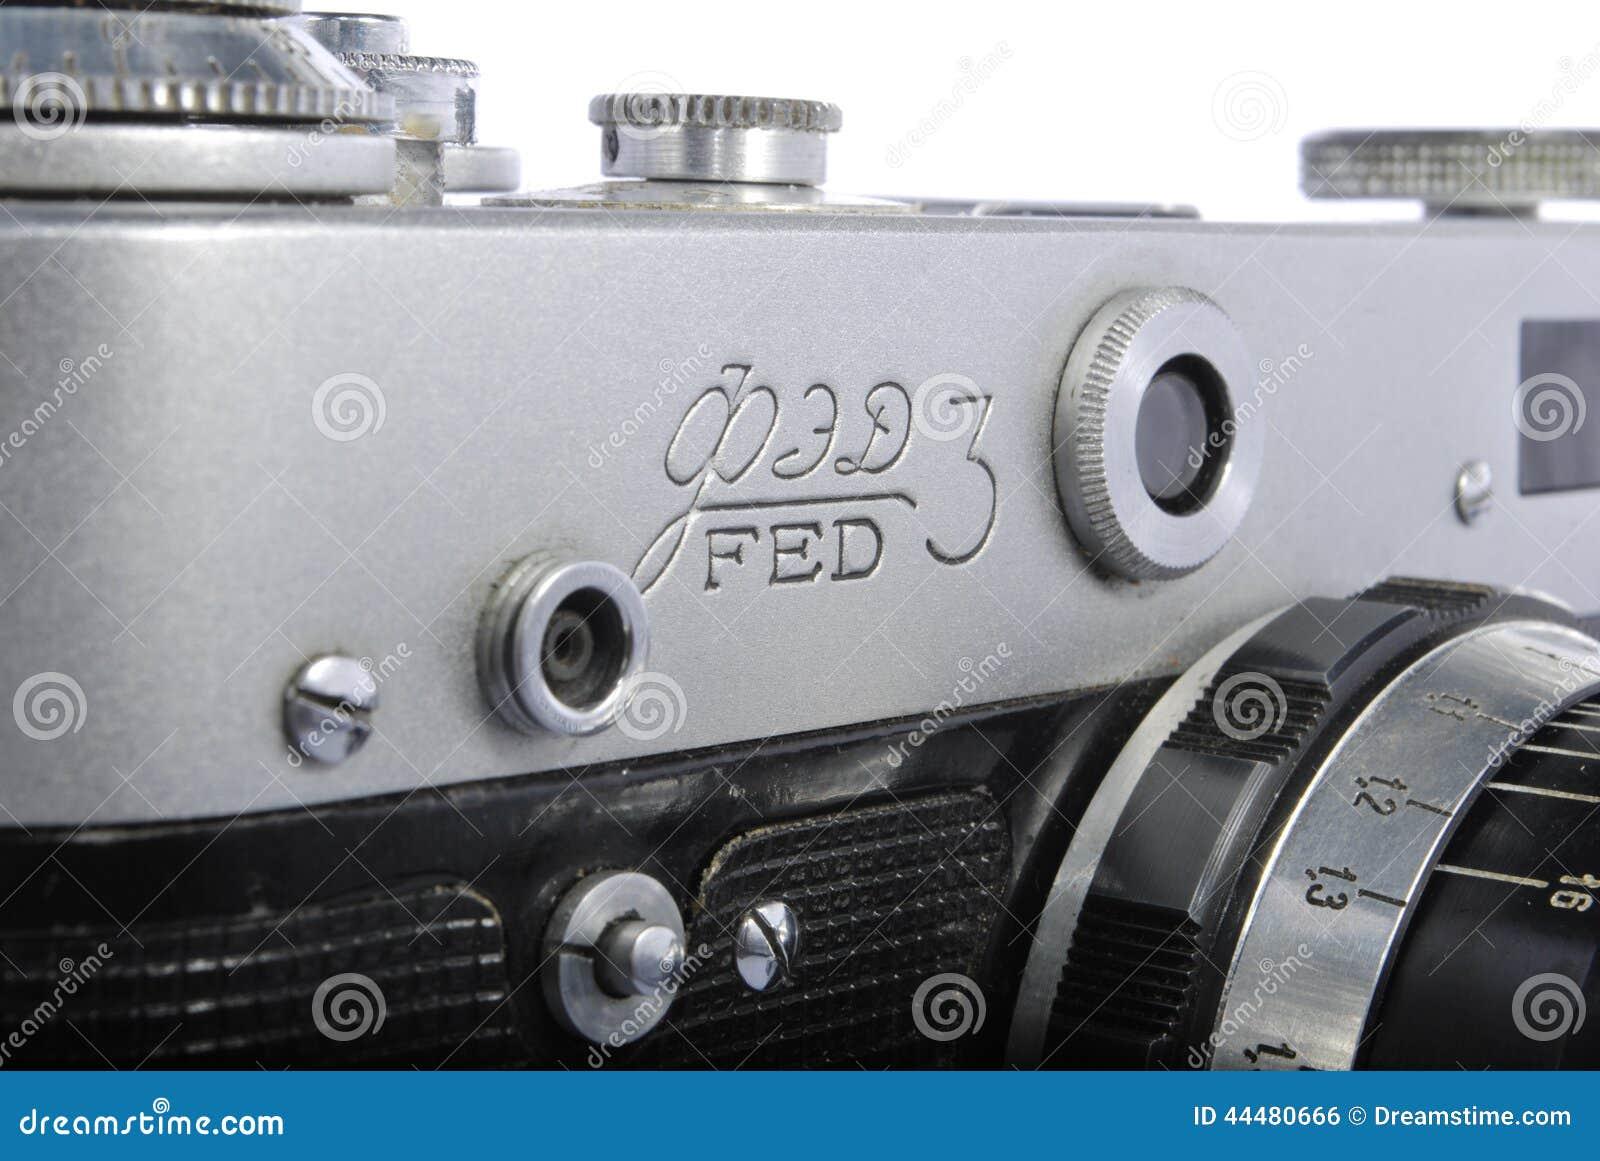 Entfernungsmesser Gewehr : Laser entfernungsmesser u taktisches ideenwerk